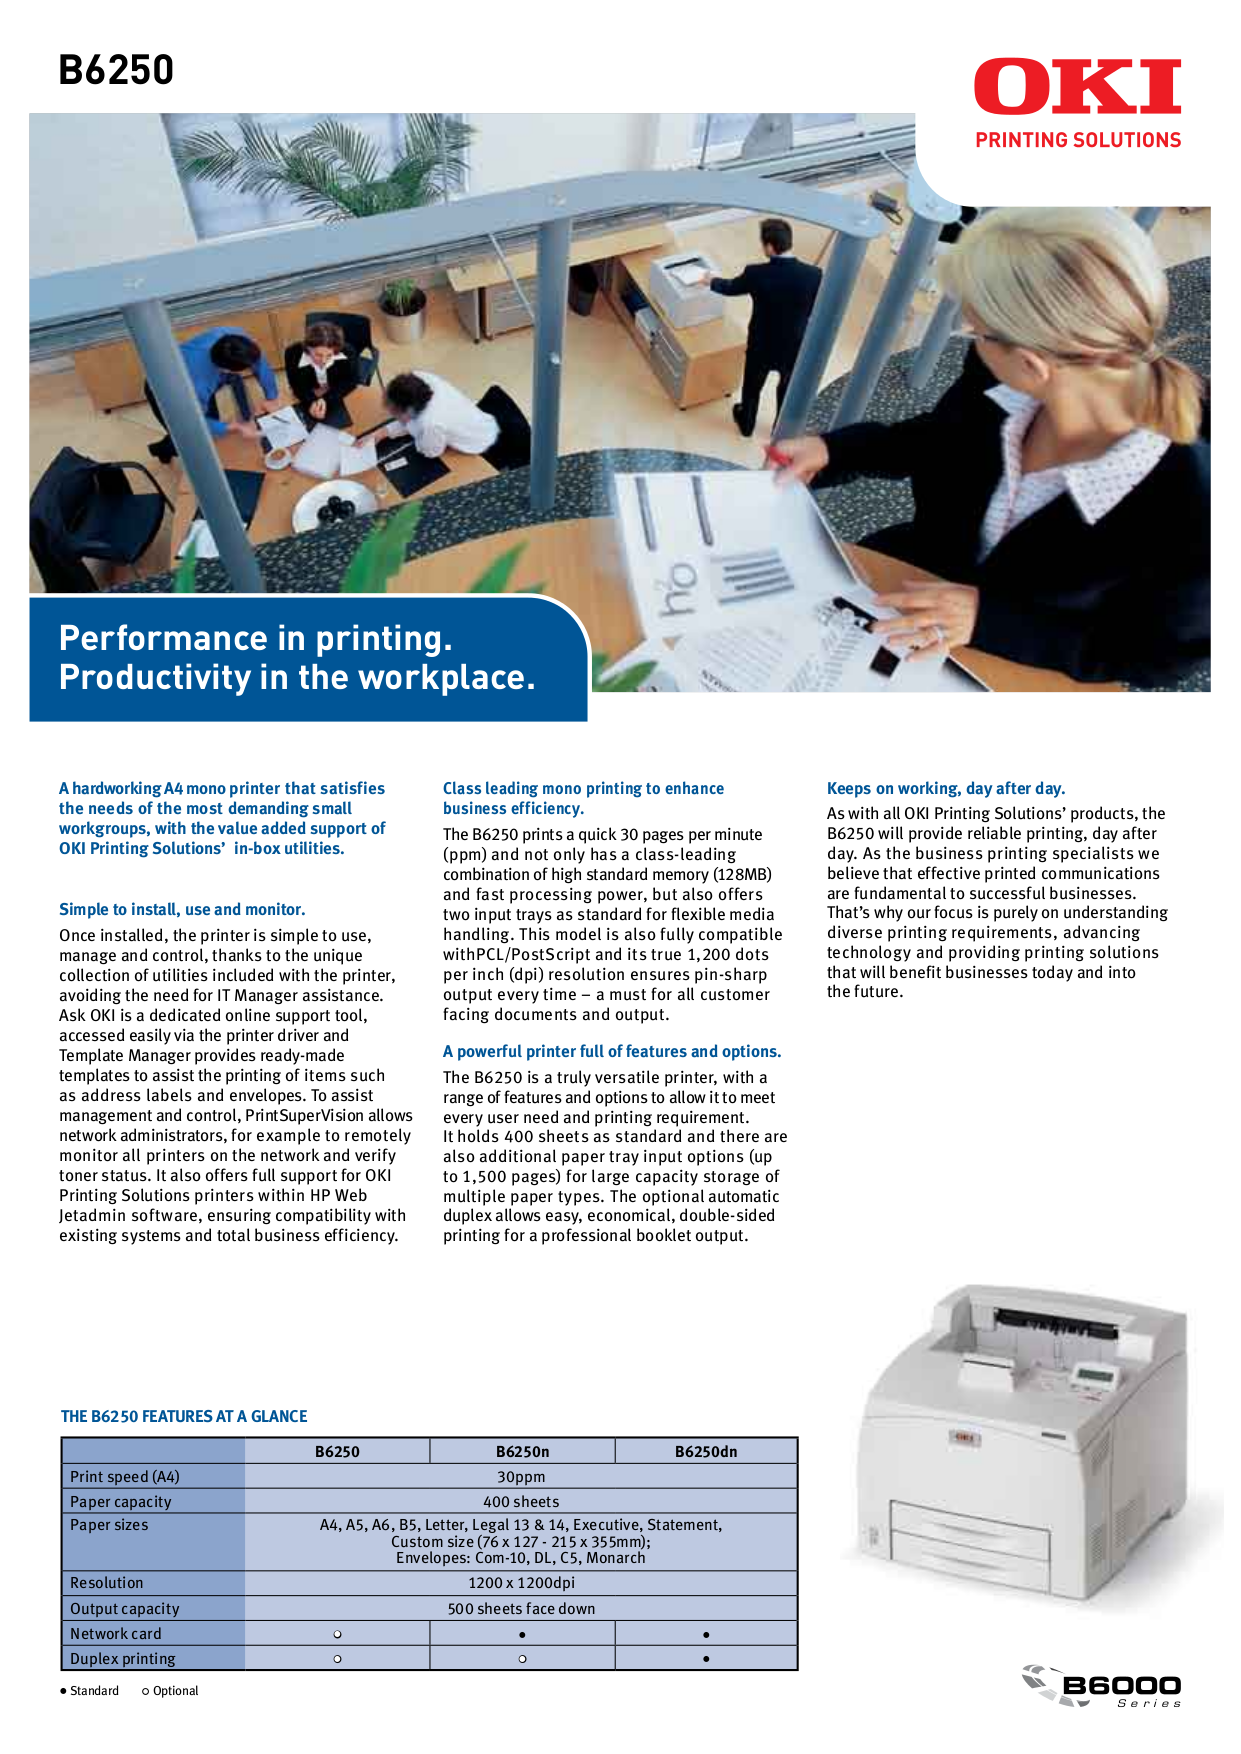 download free pdf for oki b6250n printer manual oki b6300 printer manual oki c5200 printer manual